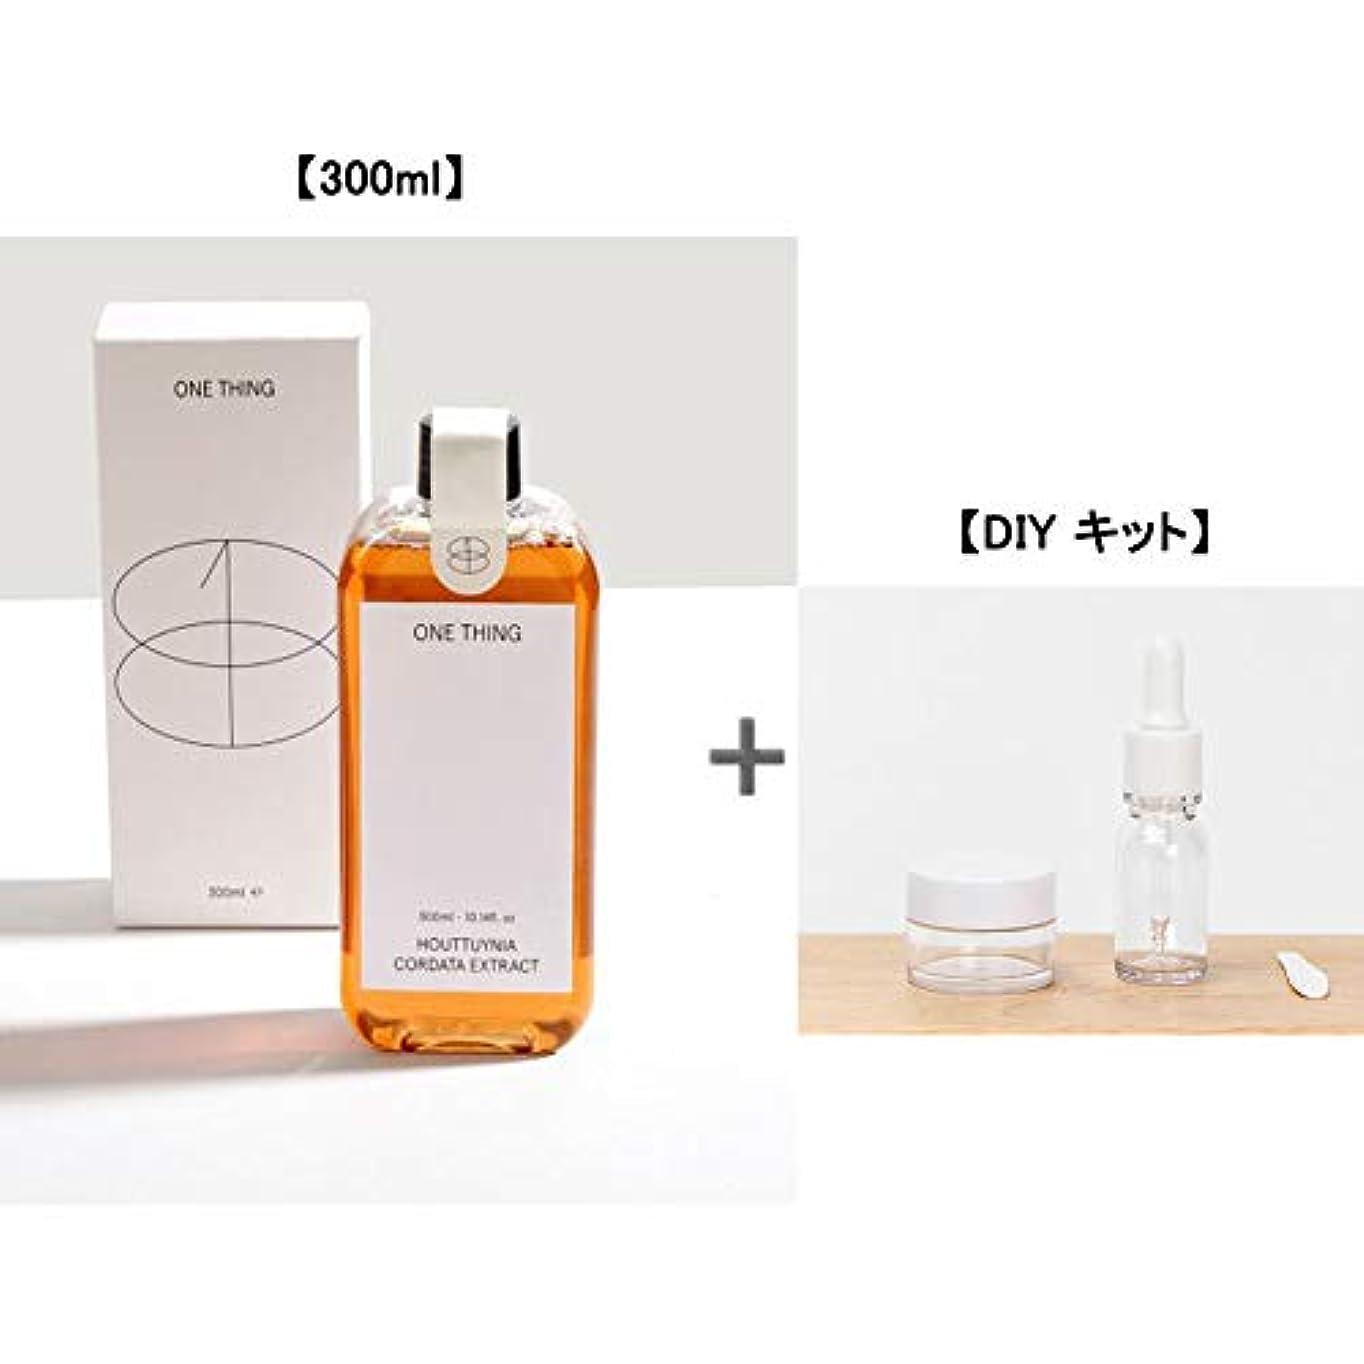 [ウォンシン]ドクダミエキス原液 300ml /トラブル性肌、頭皮ケアに効果的/化粧品に混ぜて使用可能[並行輸入品] (ドクダミ 原液 300ml + DIY 3 Kit)